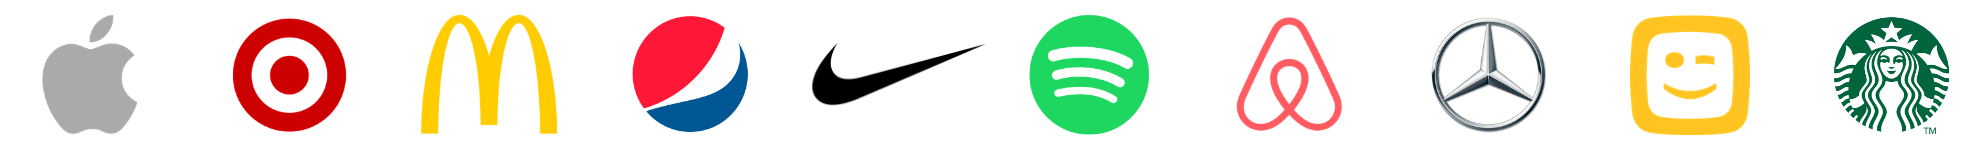 Multinationals logo